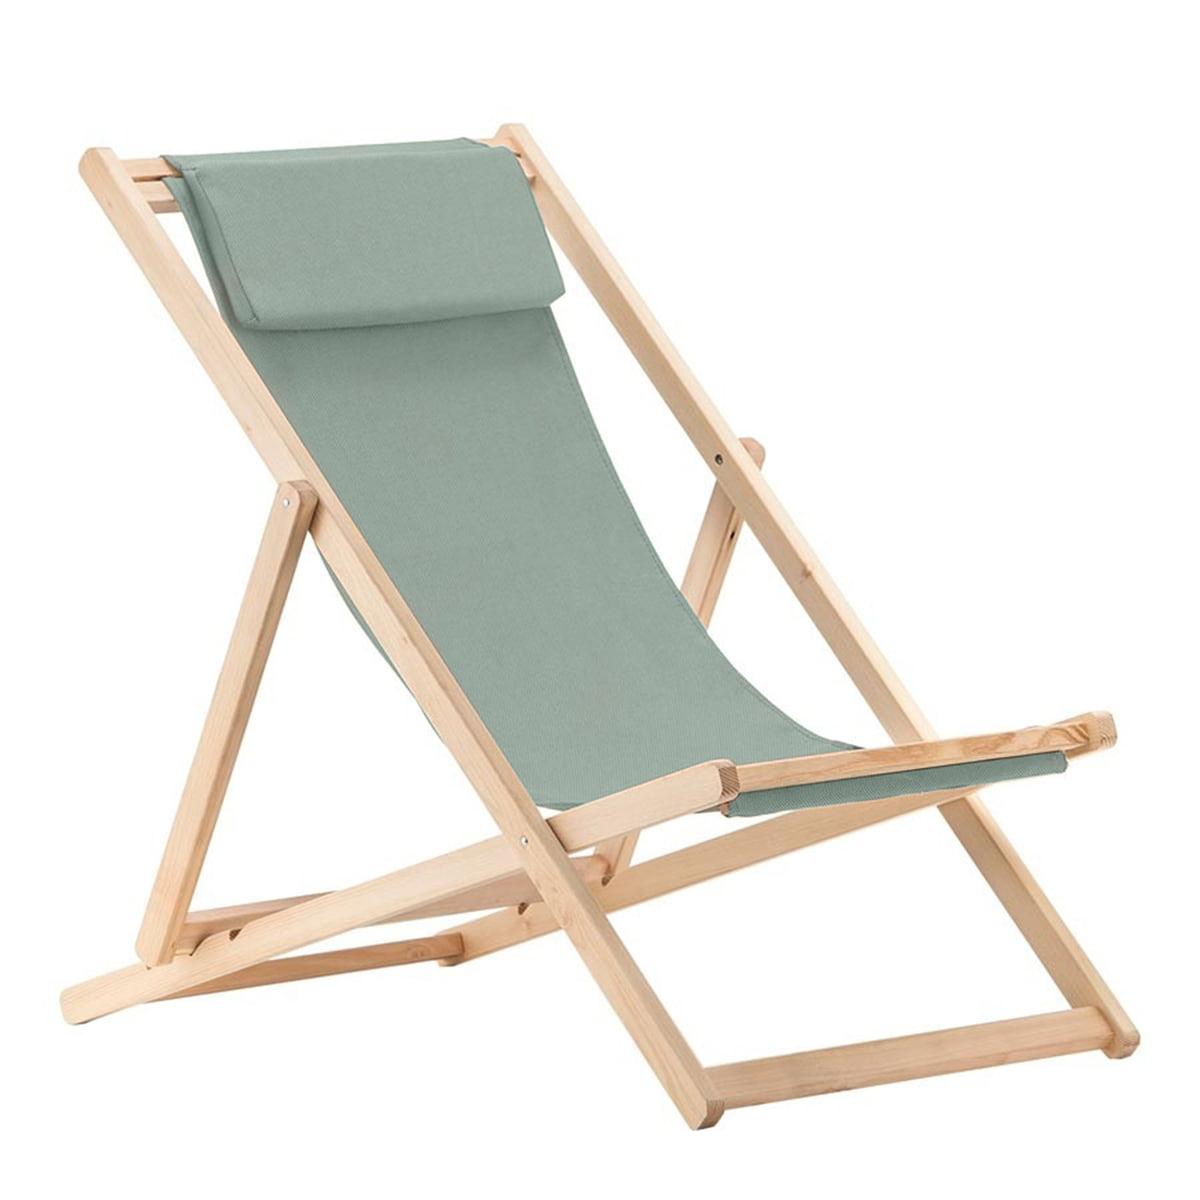 Fiam - Relax Liegestuhl, Robinie / salbei | Wohnzimmer > Sessel > Relaxliegen | Fiam